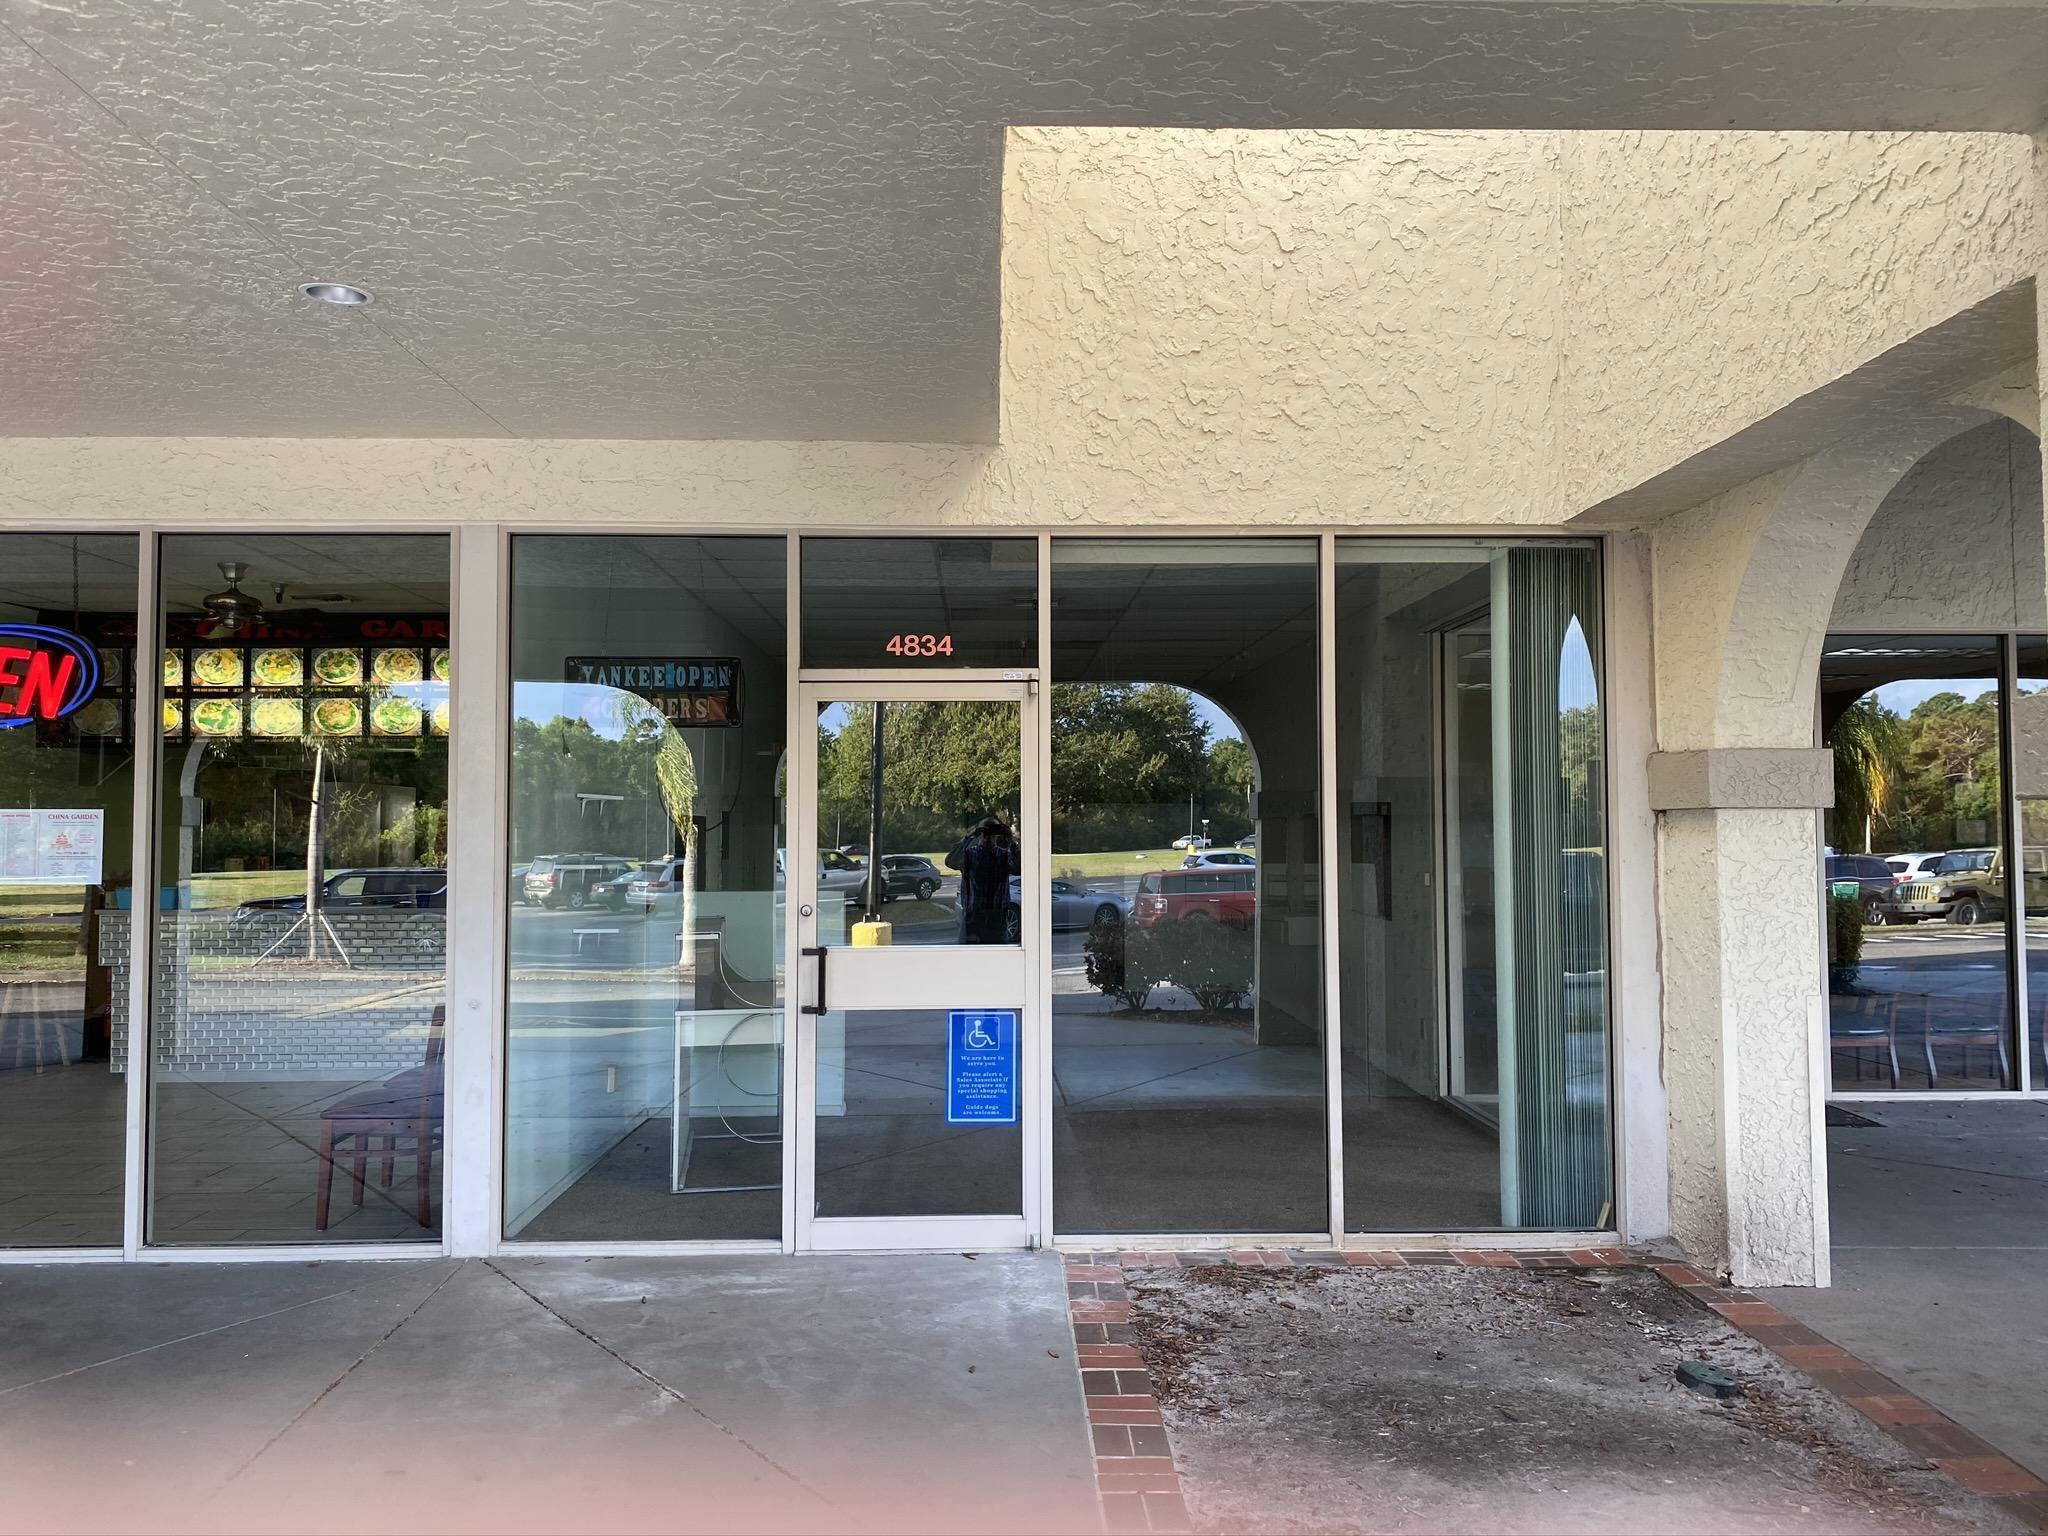 primary photo for 4890 N Kings Highway 4834, Fort Pierce, FL 34951, US